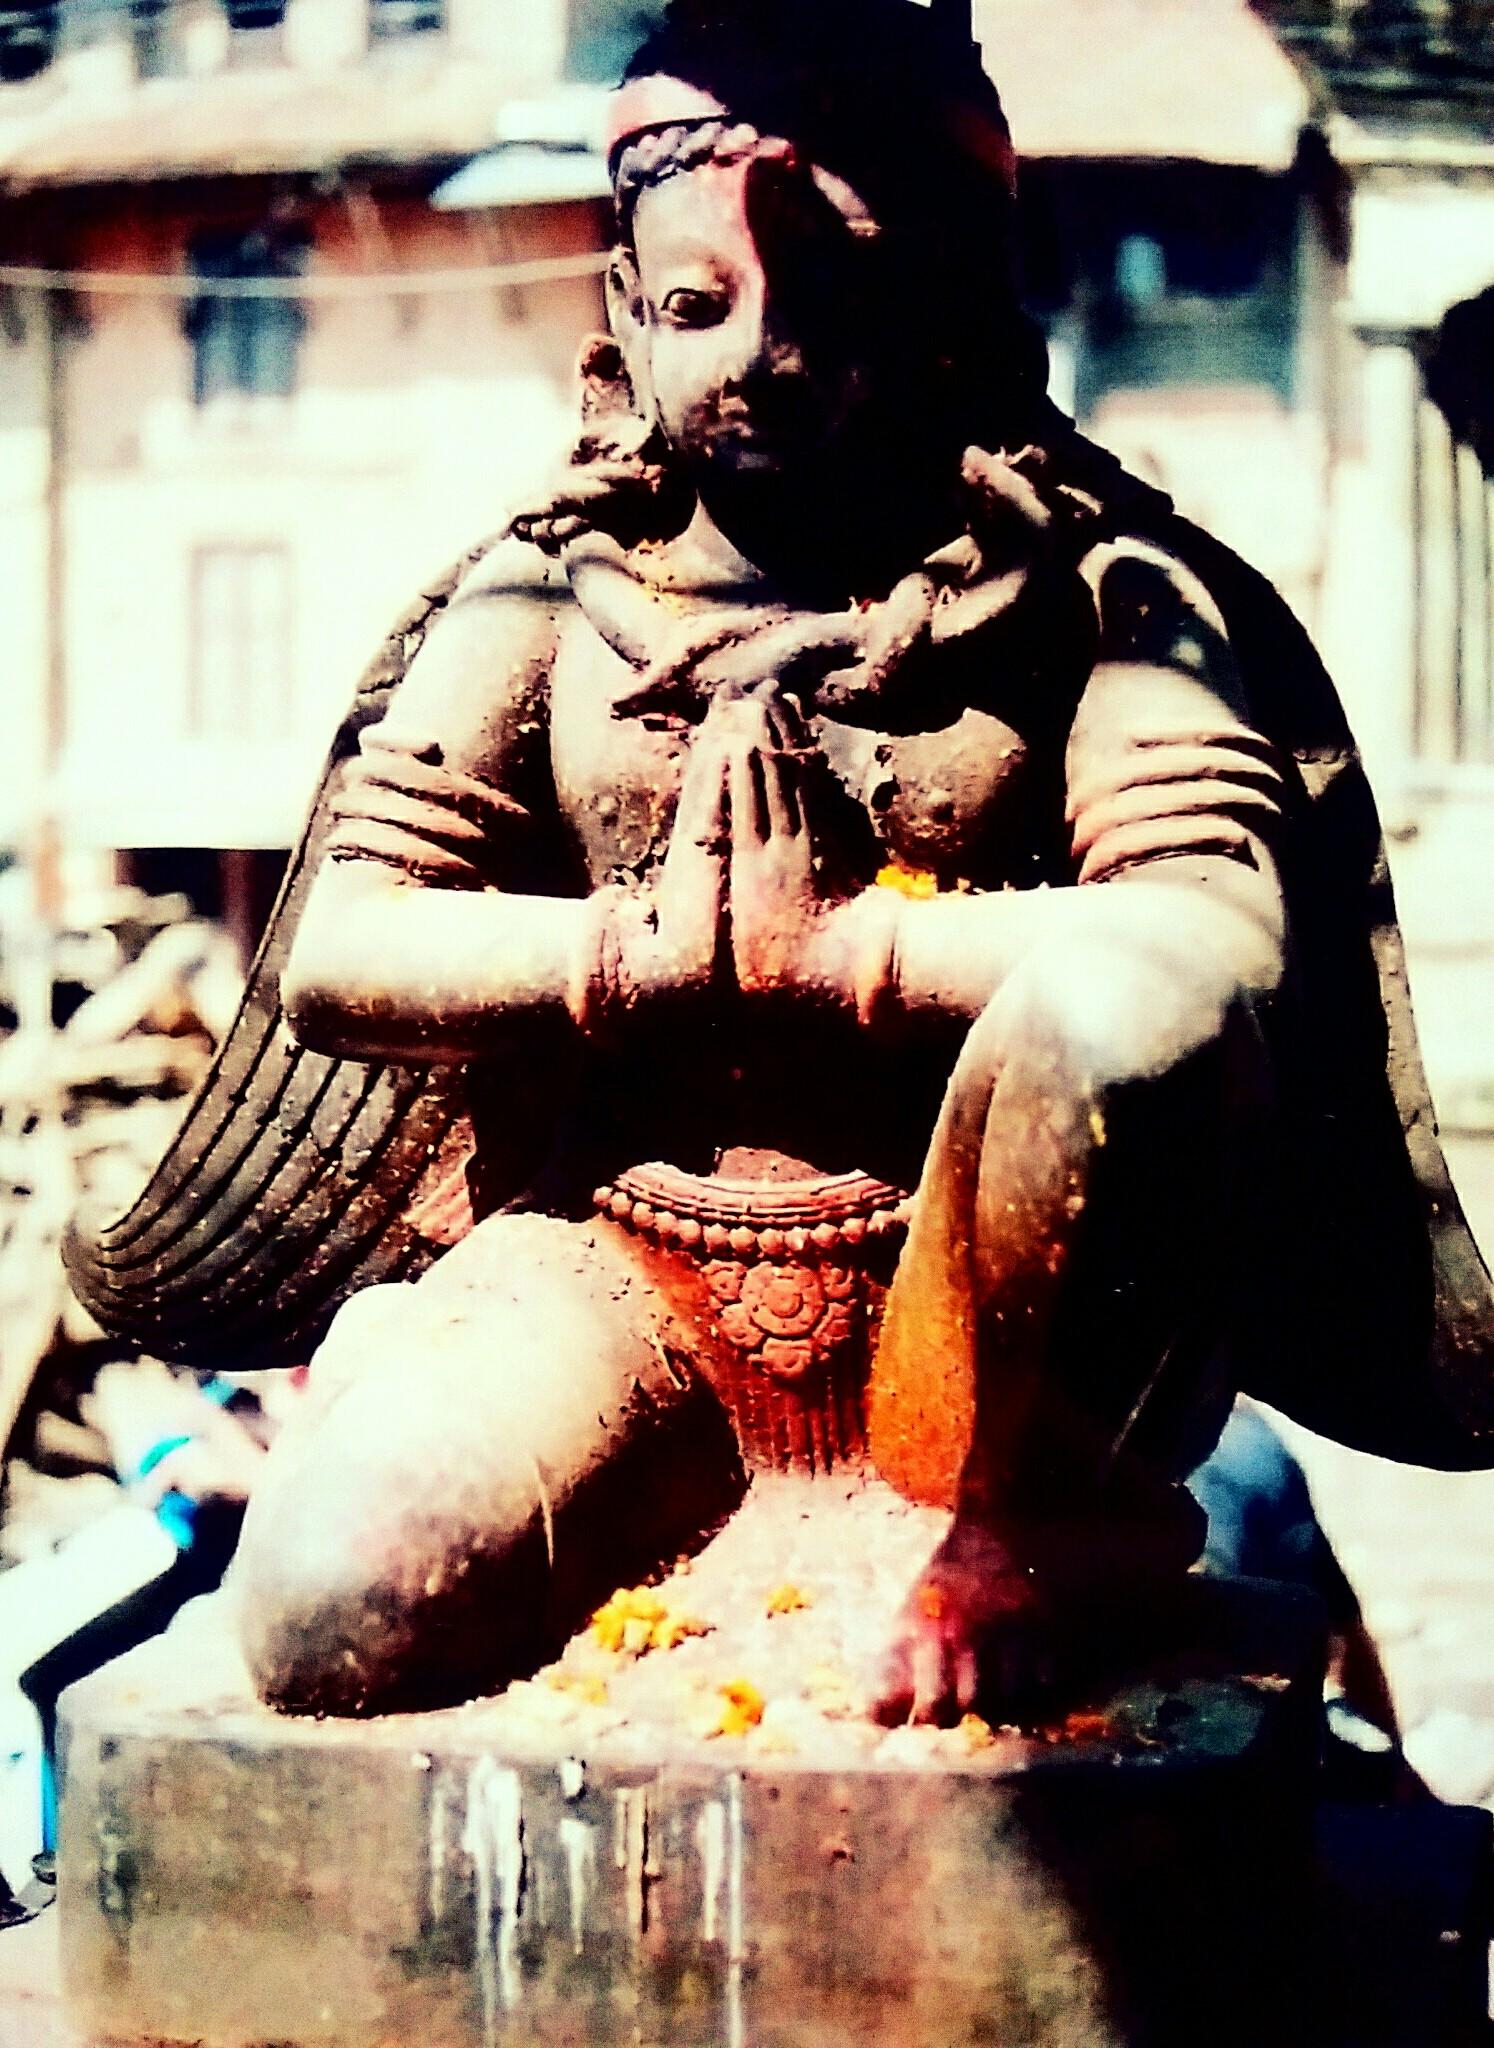 【ネパール魅力のヒンズー教寺院】仏像・彫刻・建築鑑賞ポイントとは?